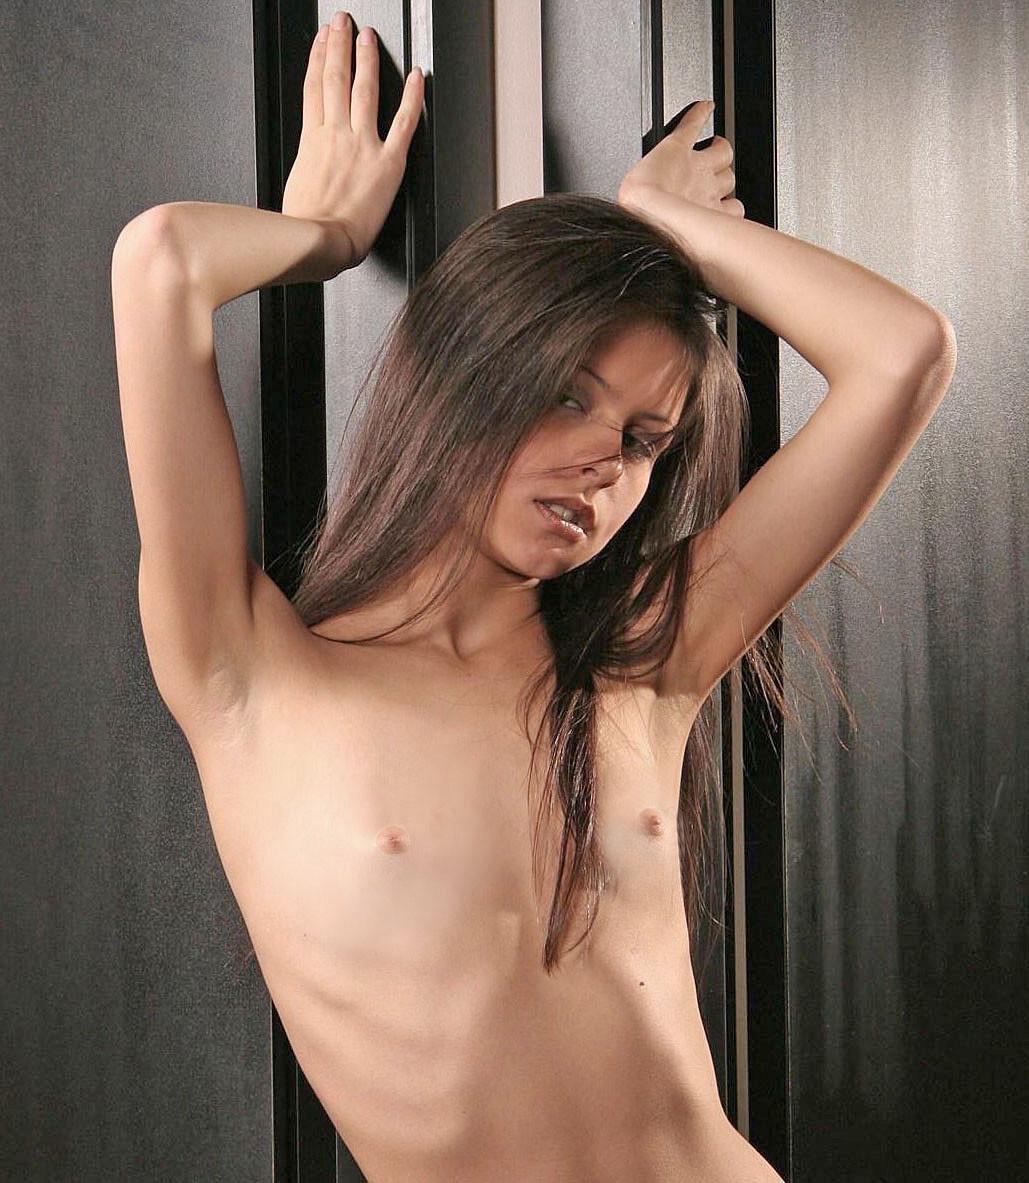 Bond girl naked